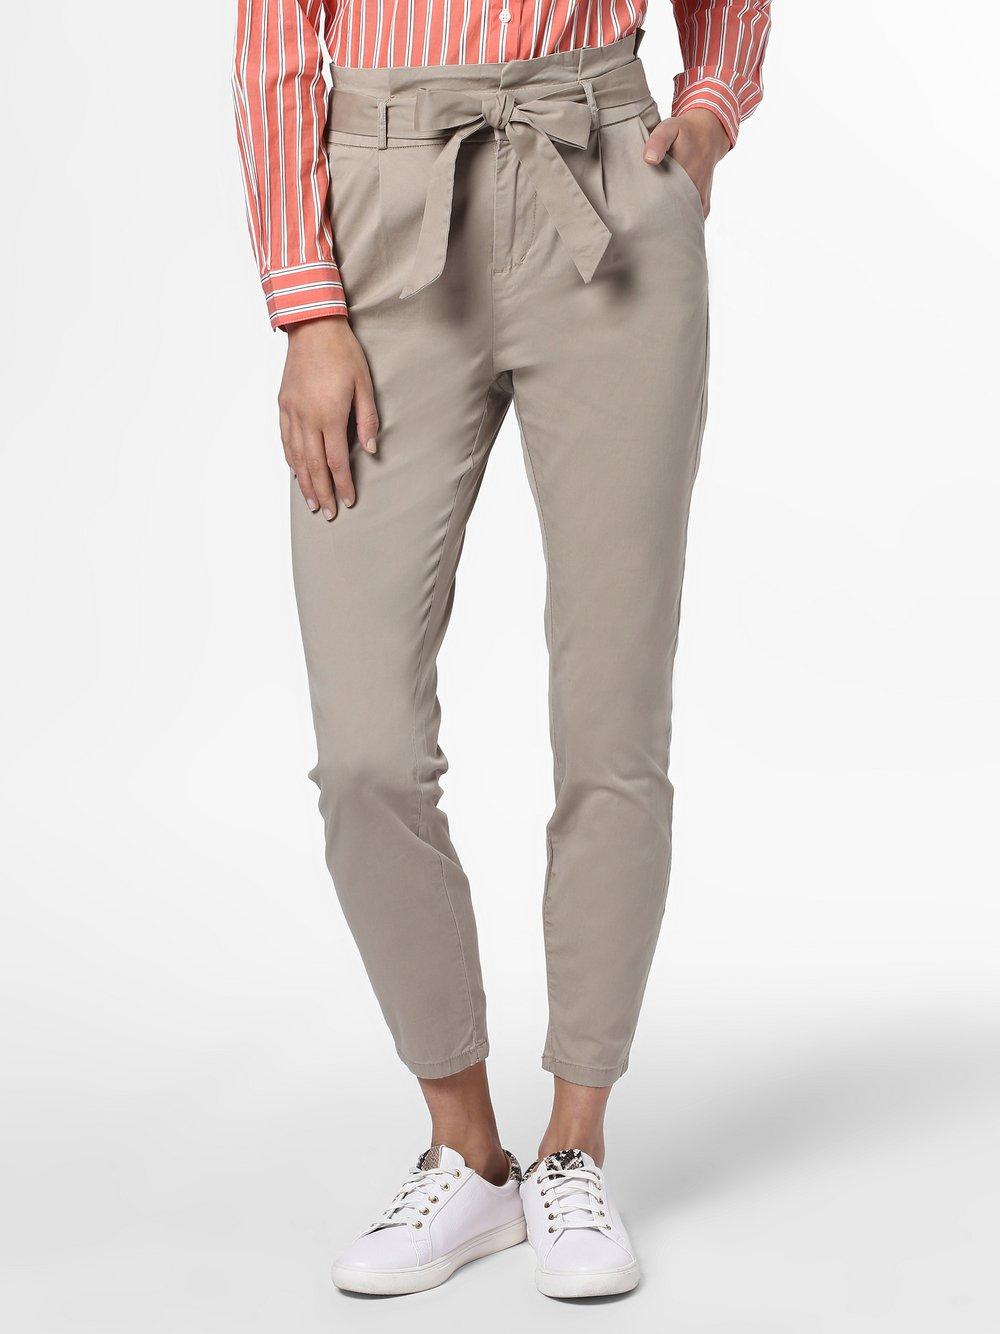 Vero Moda - Spodnie damskie – Vmeva, szary